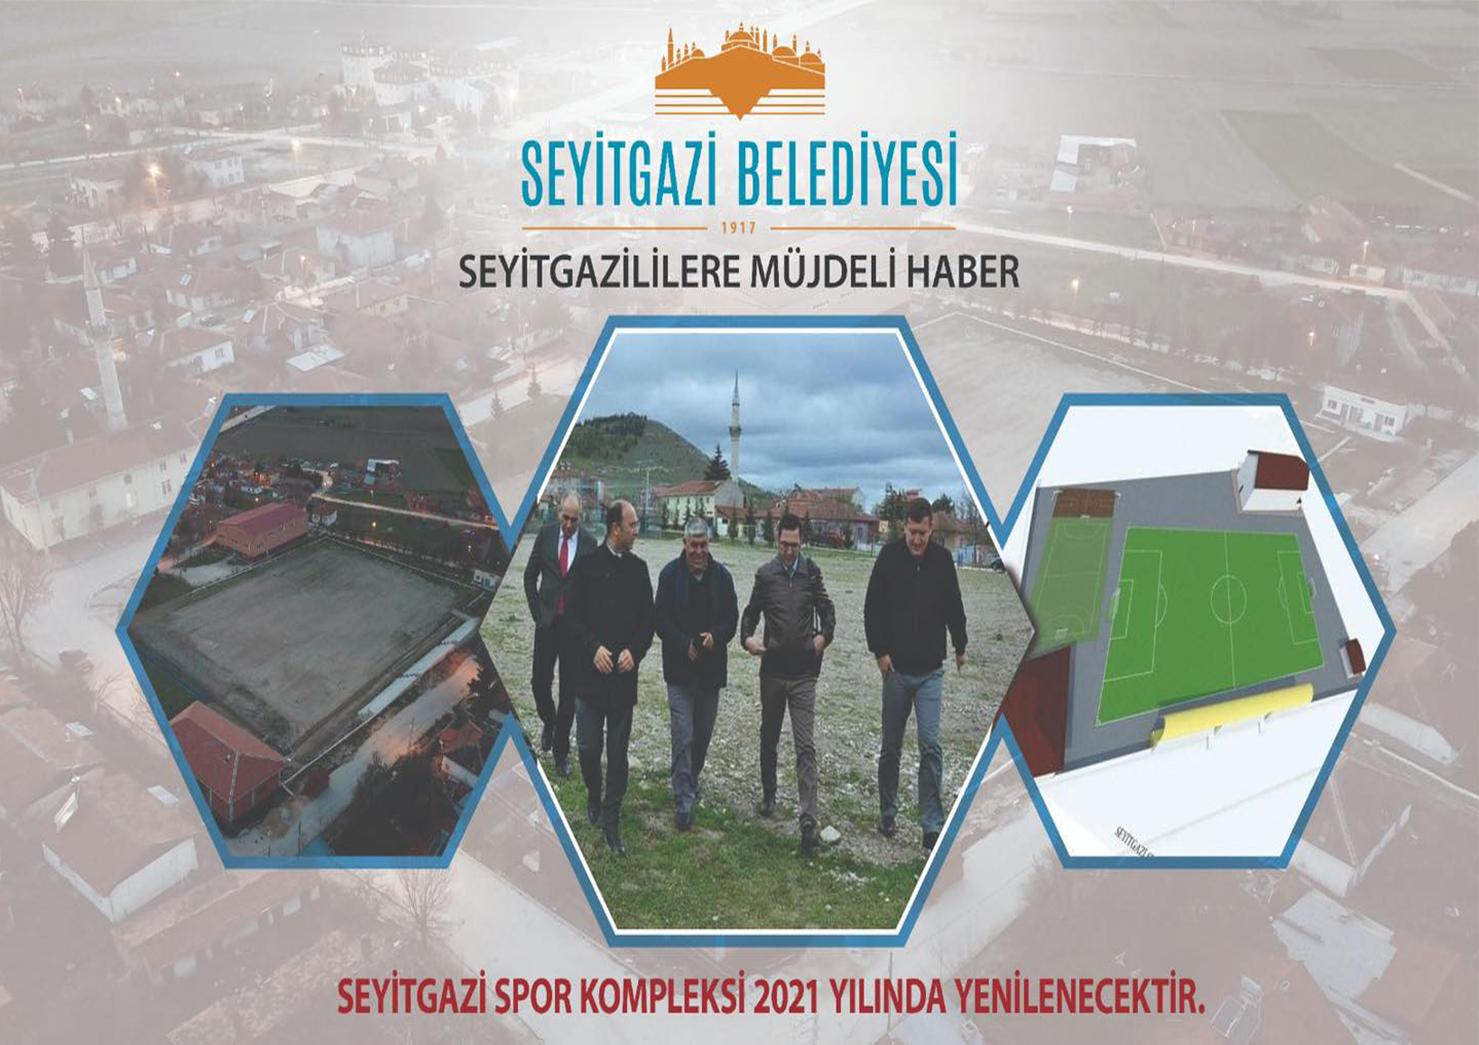 BAŞKAN TEPE'DEN SEYİTGAZİ'YE SPOR KOMPLEKSİ MÜJDESİ